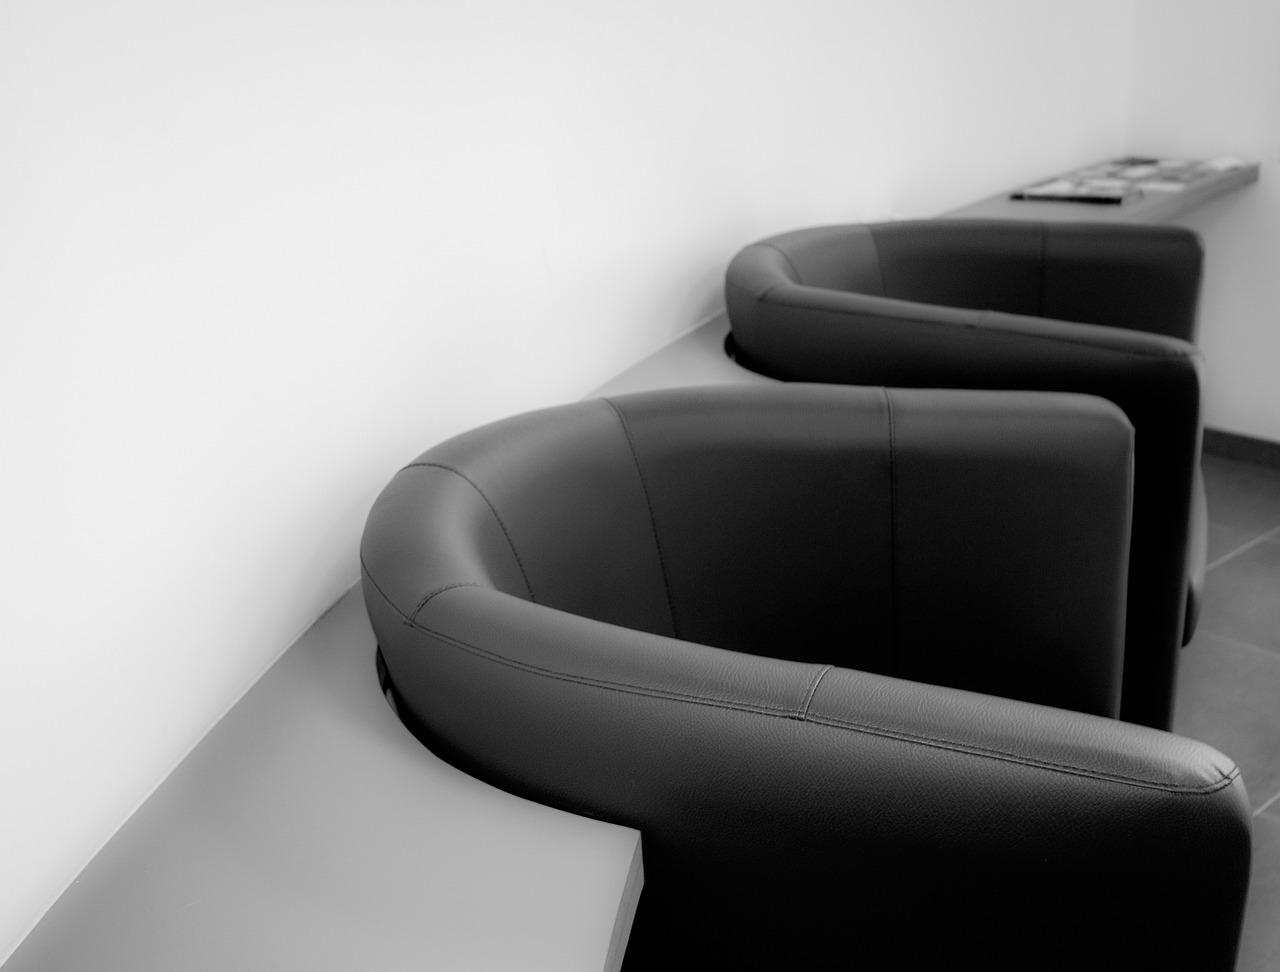 Jakie elementy powinien zawierać nowoczesny fotel?